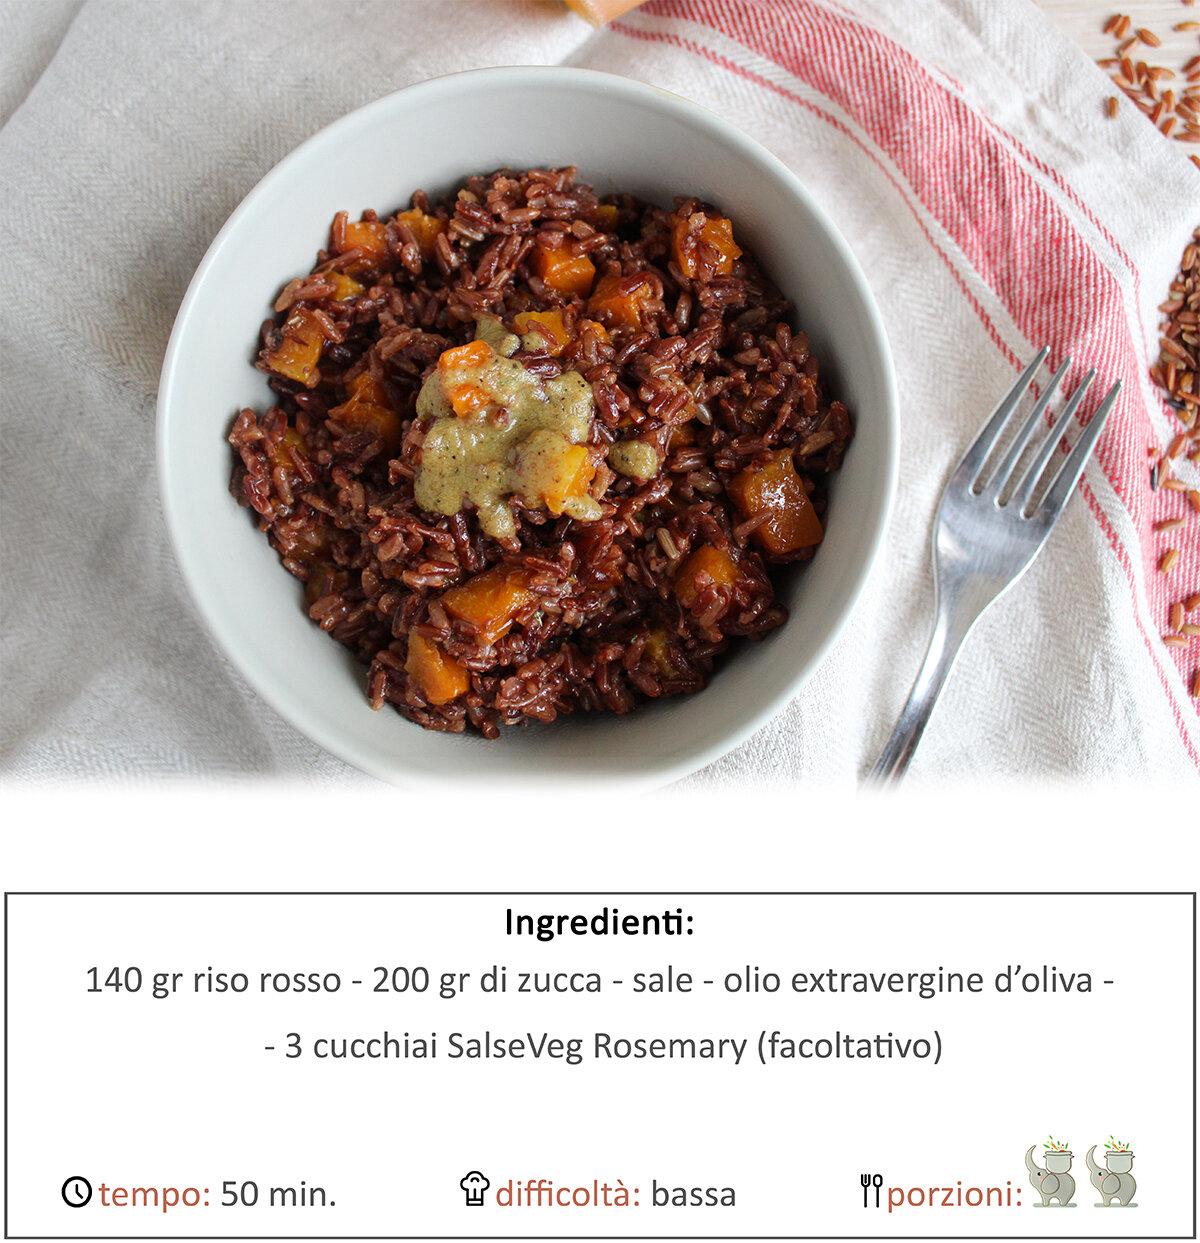 Riso rosso con quadrotti di zucca e salsa rosemary